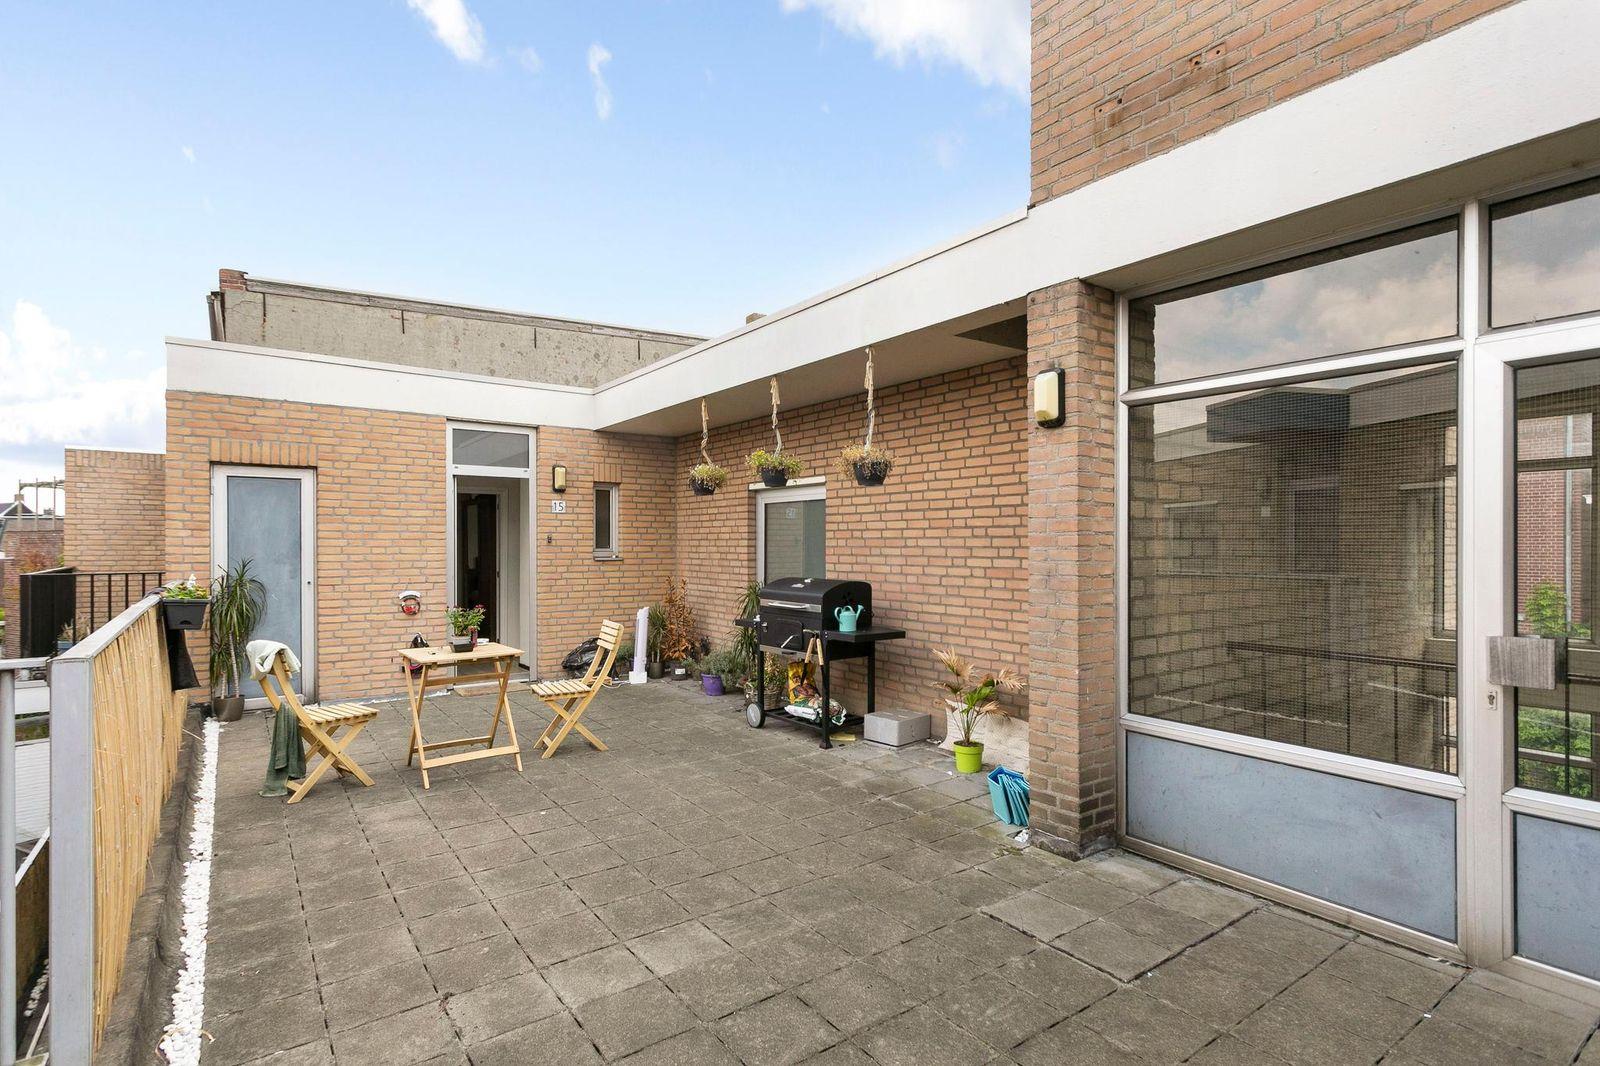 Herungerstraat 15, Venlo